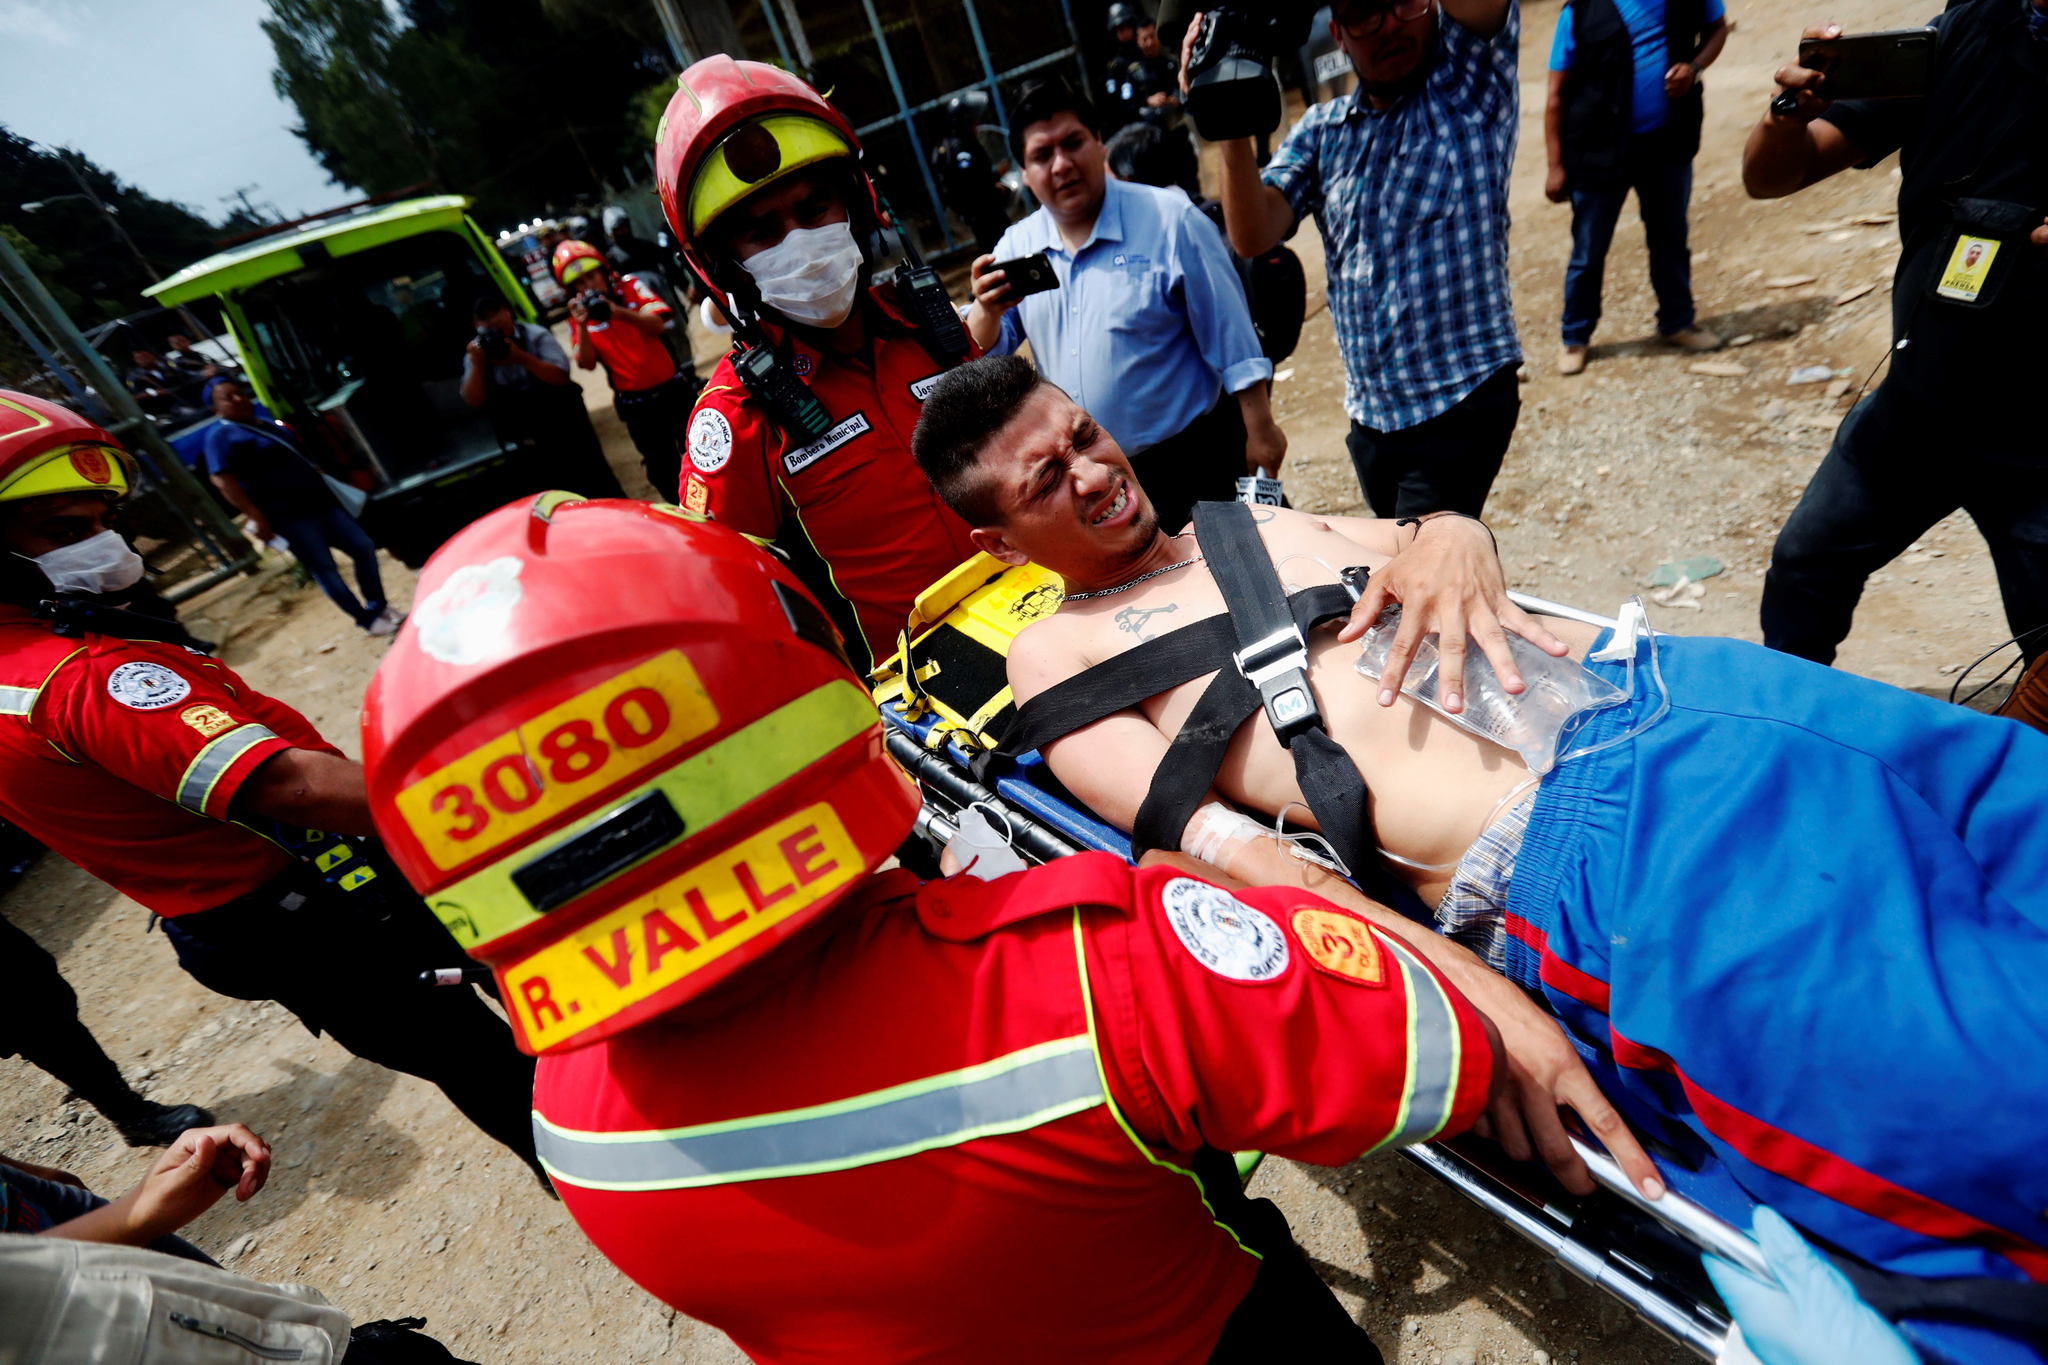 소방관들이 부상을 입은 한 재소자를 이송하고 있다. [EPA=연합뉴스]